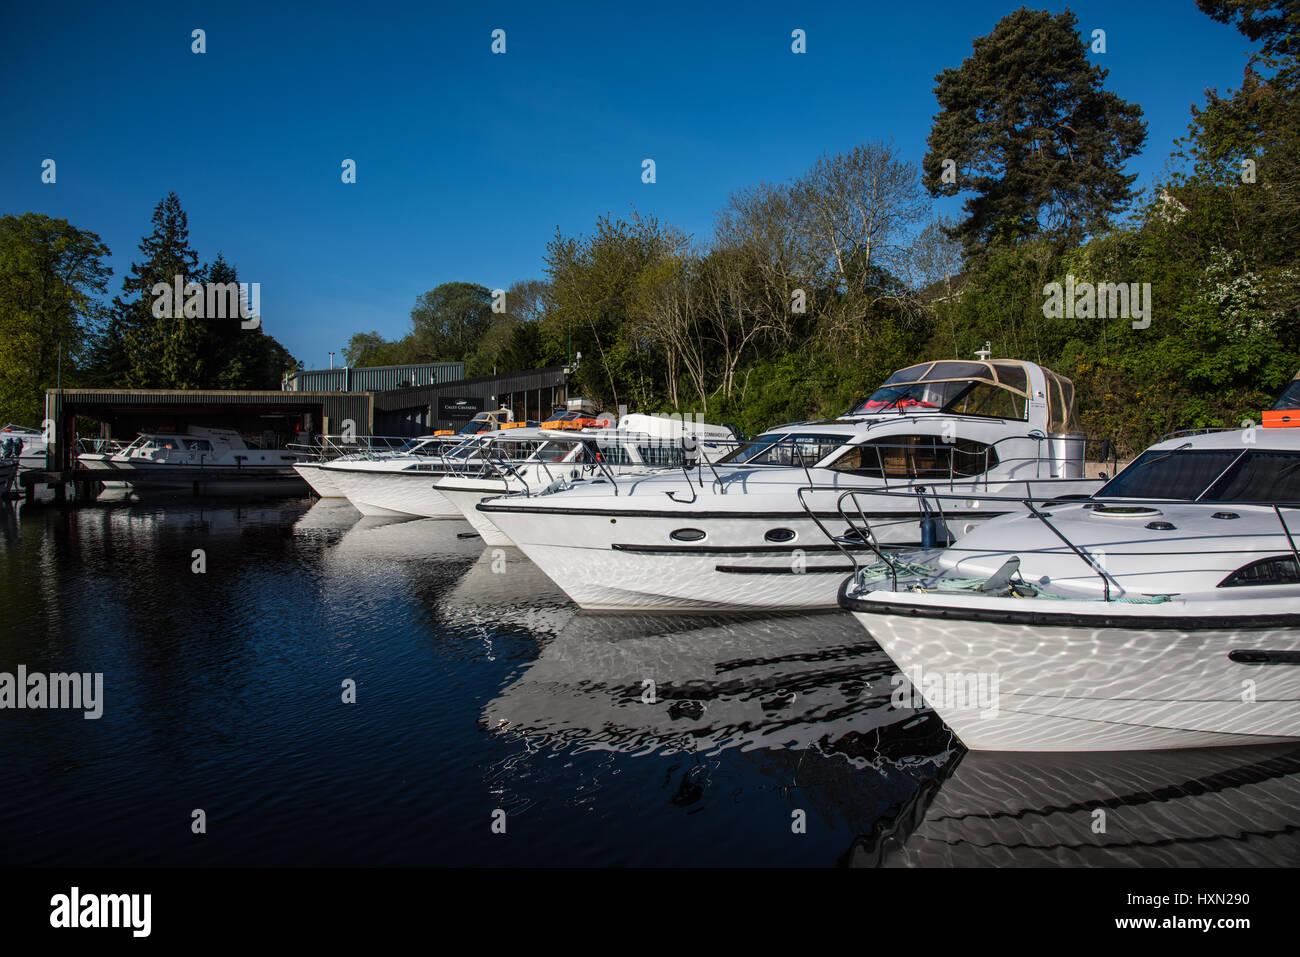 Caley Cruisers marina, Inverness, Highlands, Scotland, UK. - Stock Image